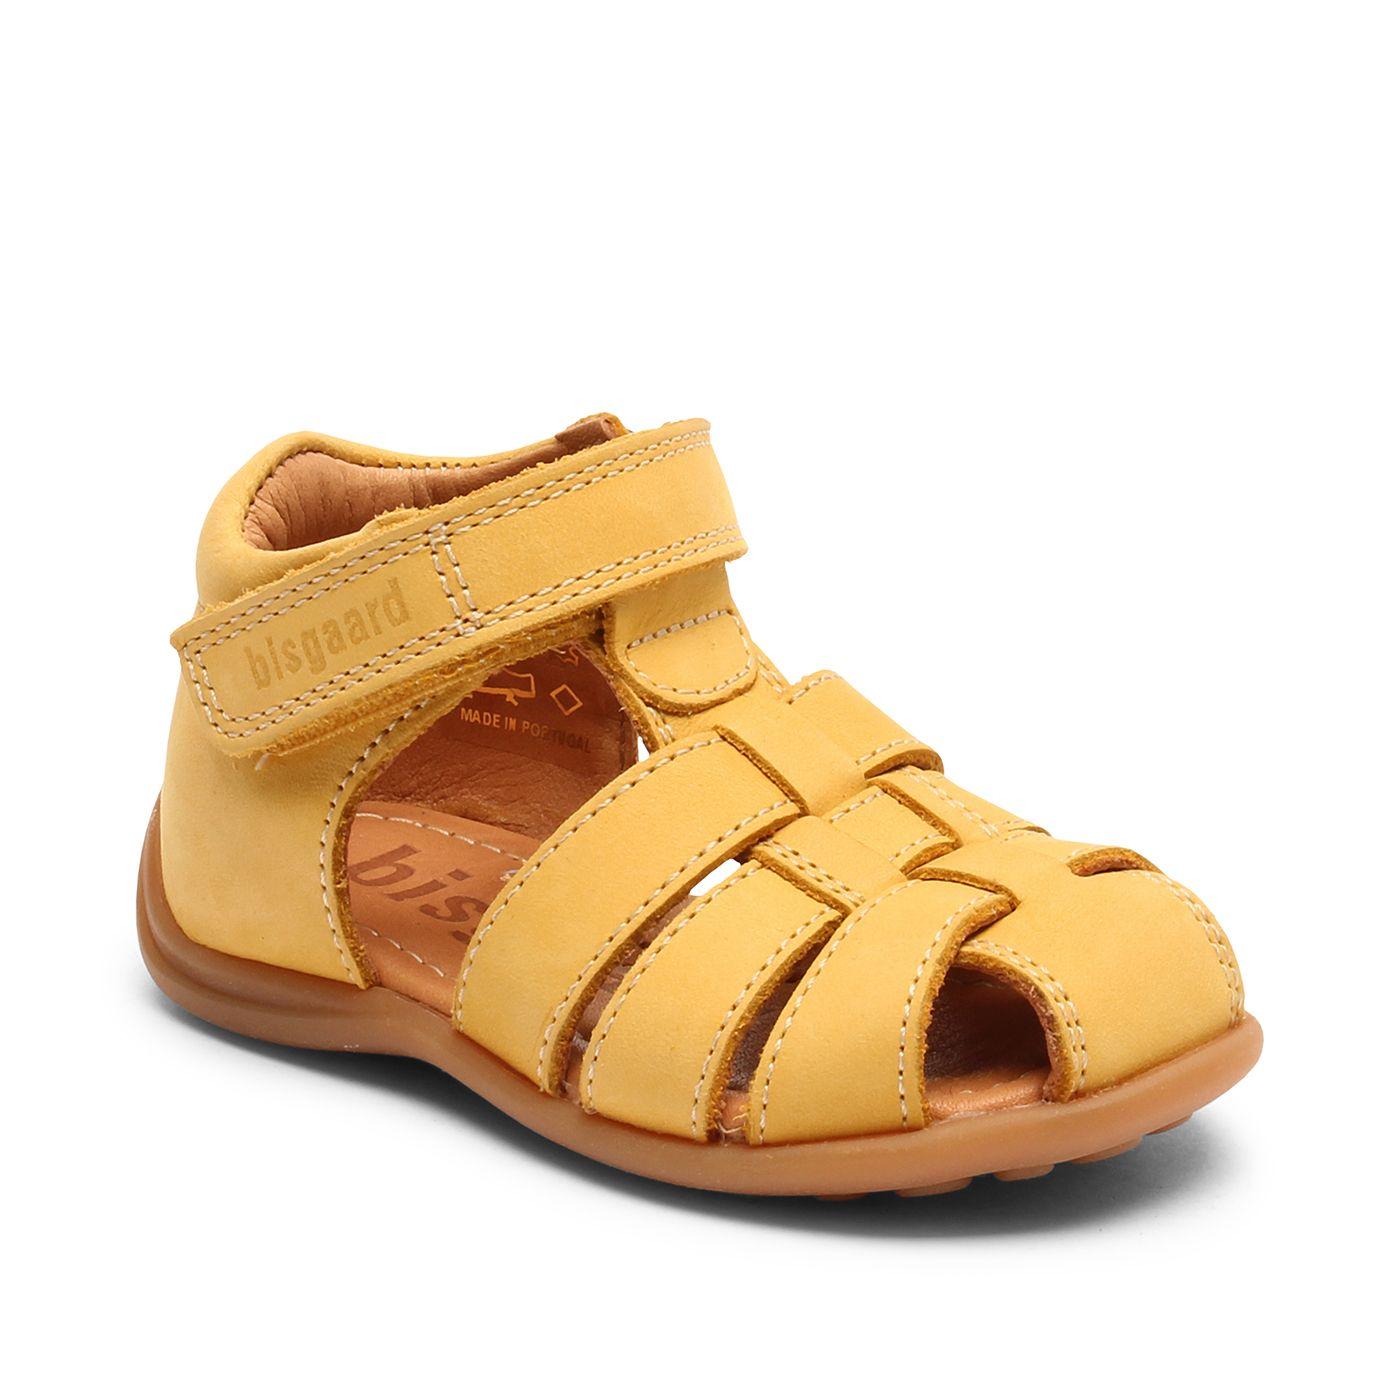 Bisgaard kožené sandály pro první krůčky 71206 - 2116